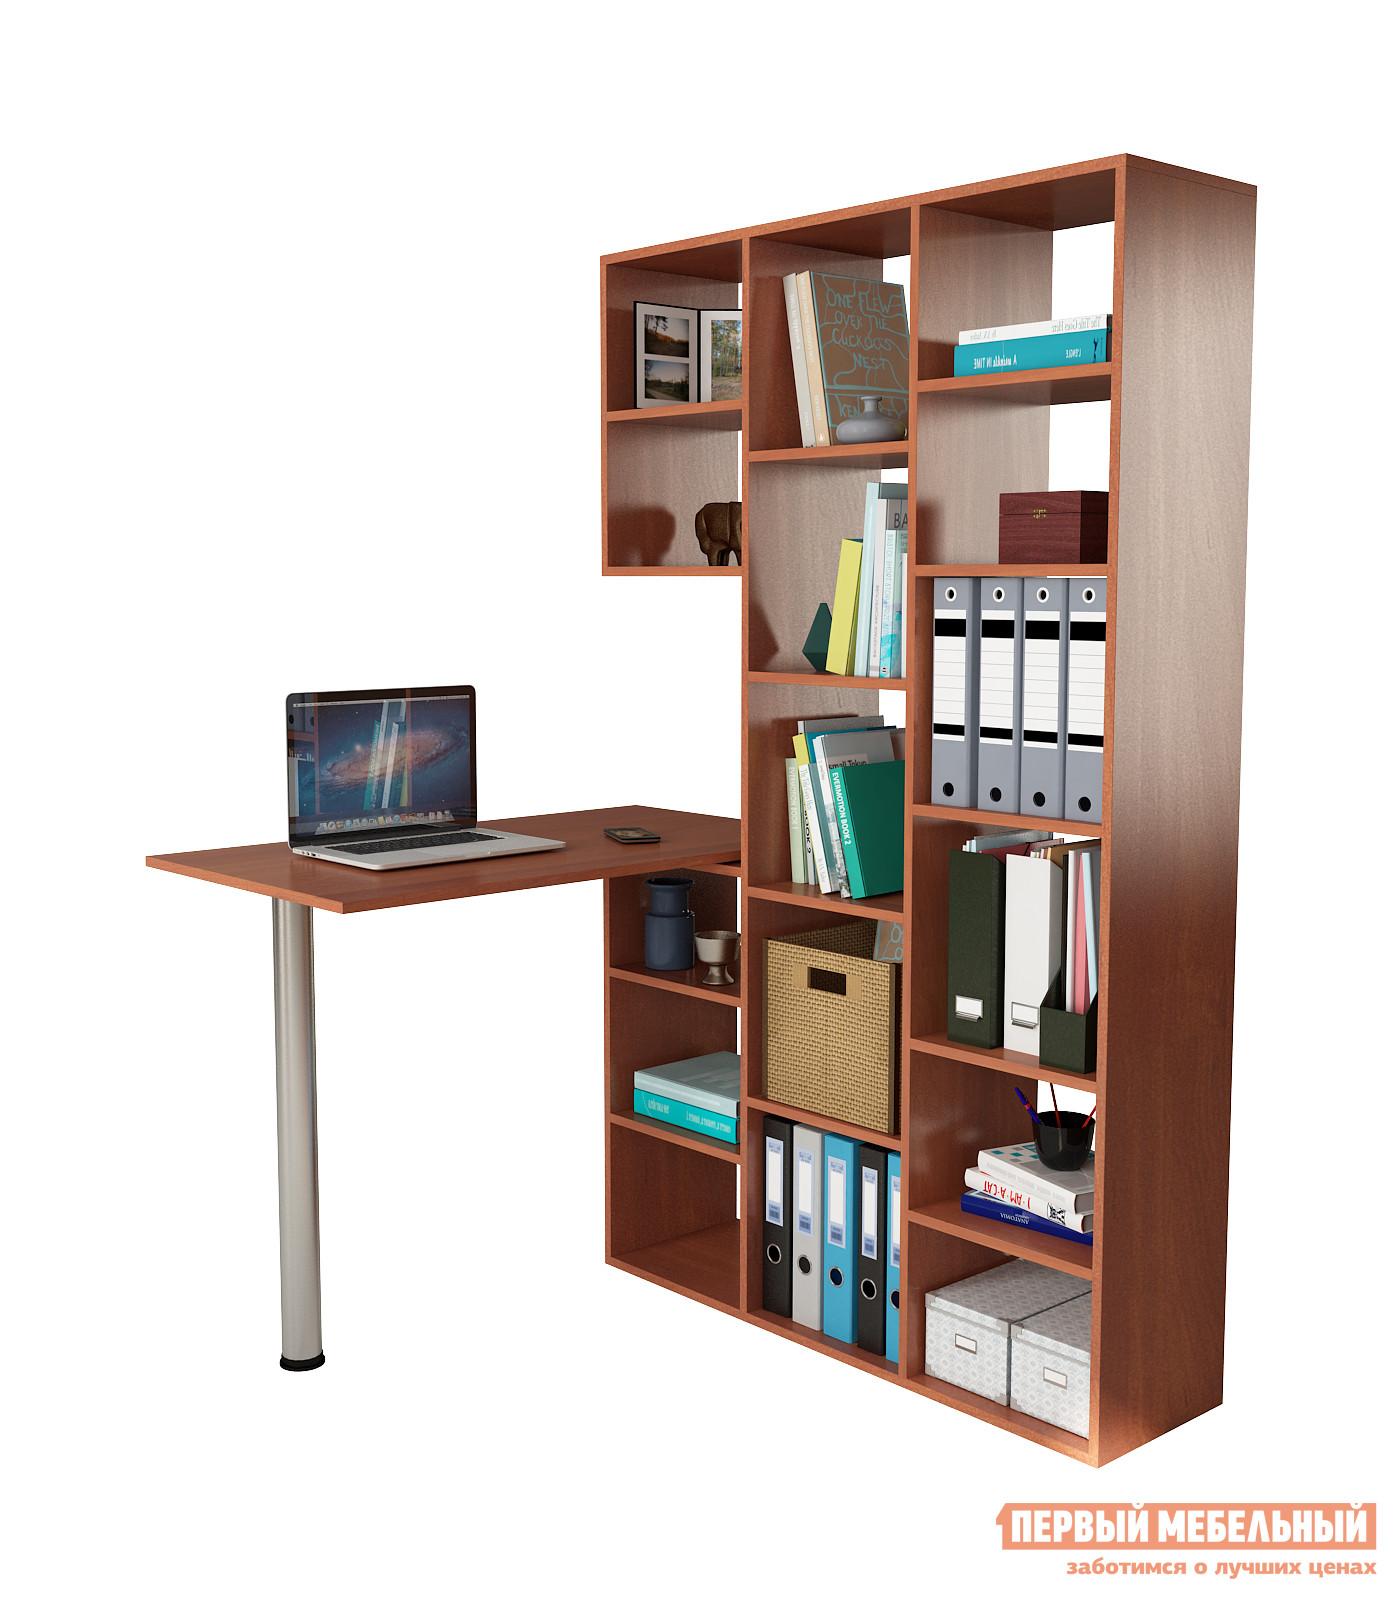 Угловой компьютерный стол МФ Мастер Рикс-1 + Рикс-6 компьютерный стол мф мастер корнет 1 угловой